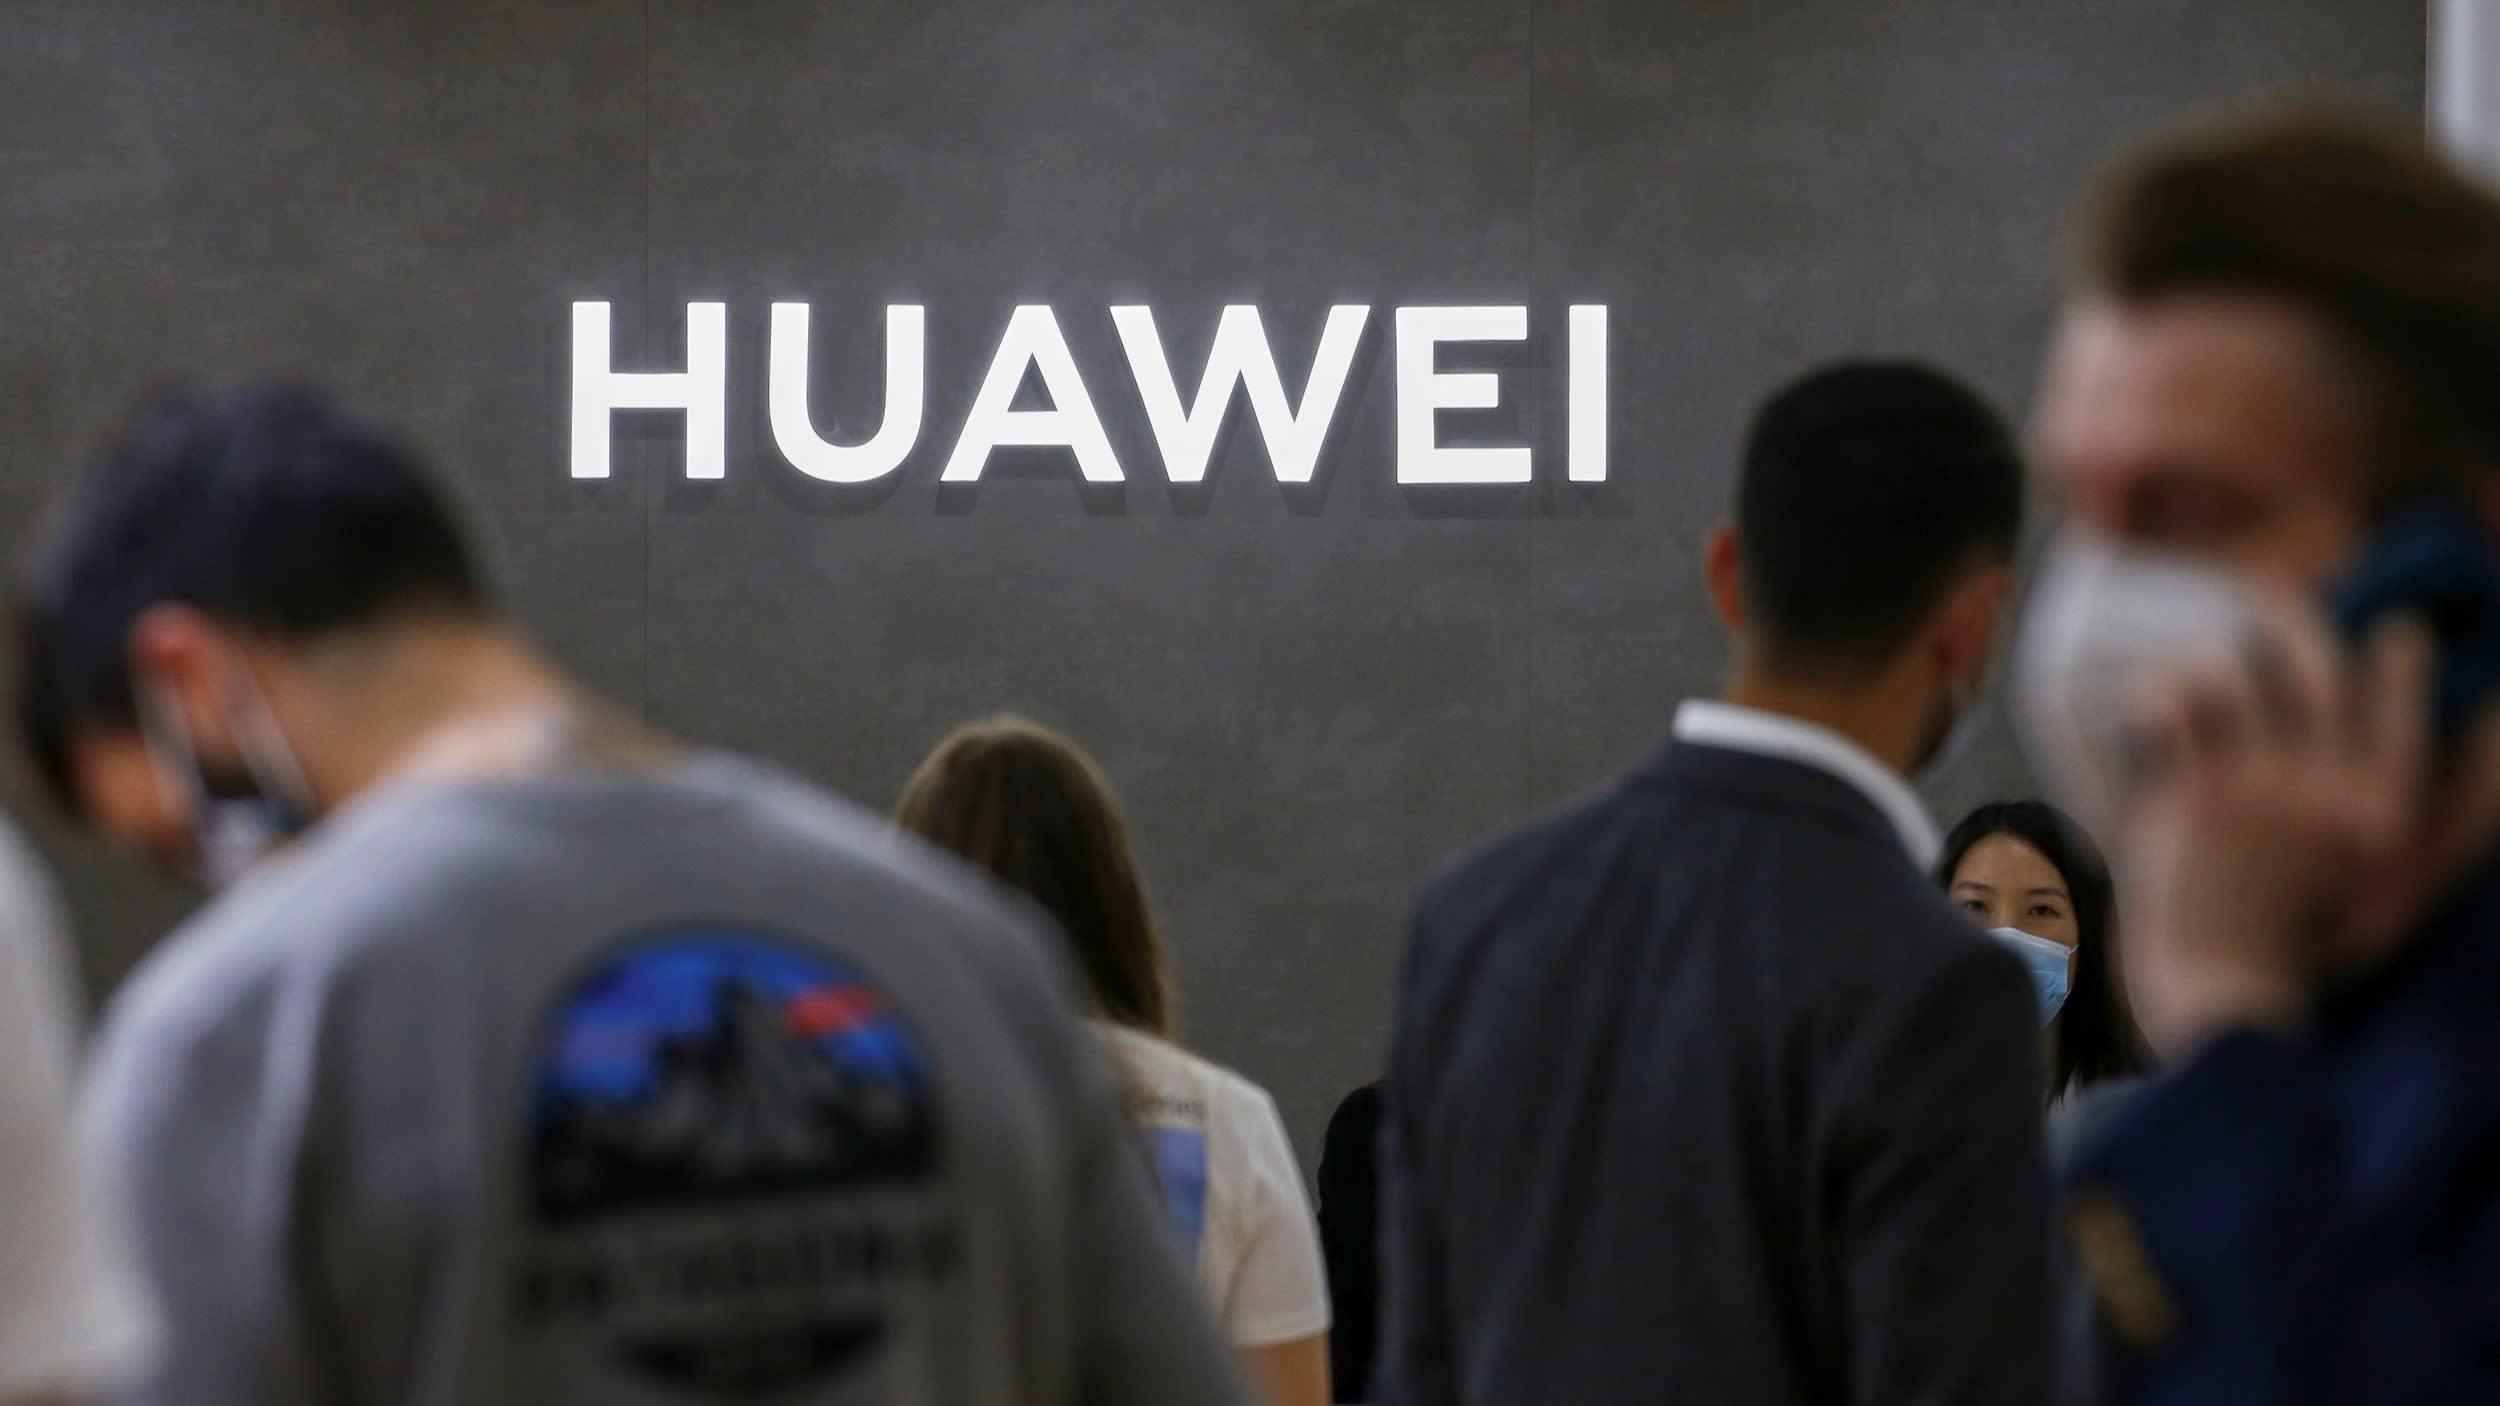 Nhật Bản, Hàn Quốc, Đài Loan nguy cơ mất 26 tỷ USD vì Huawei